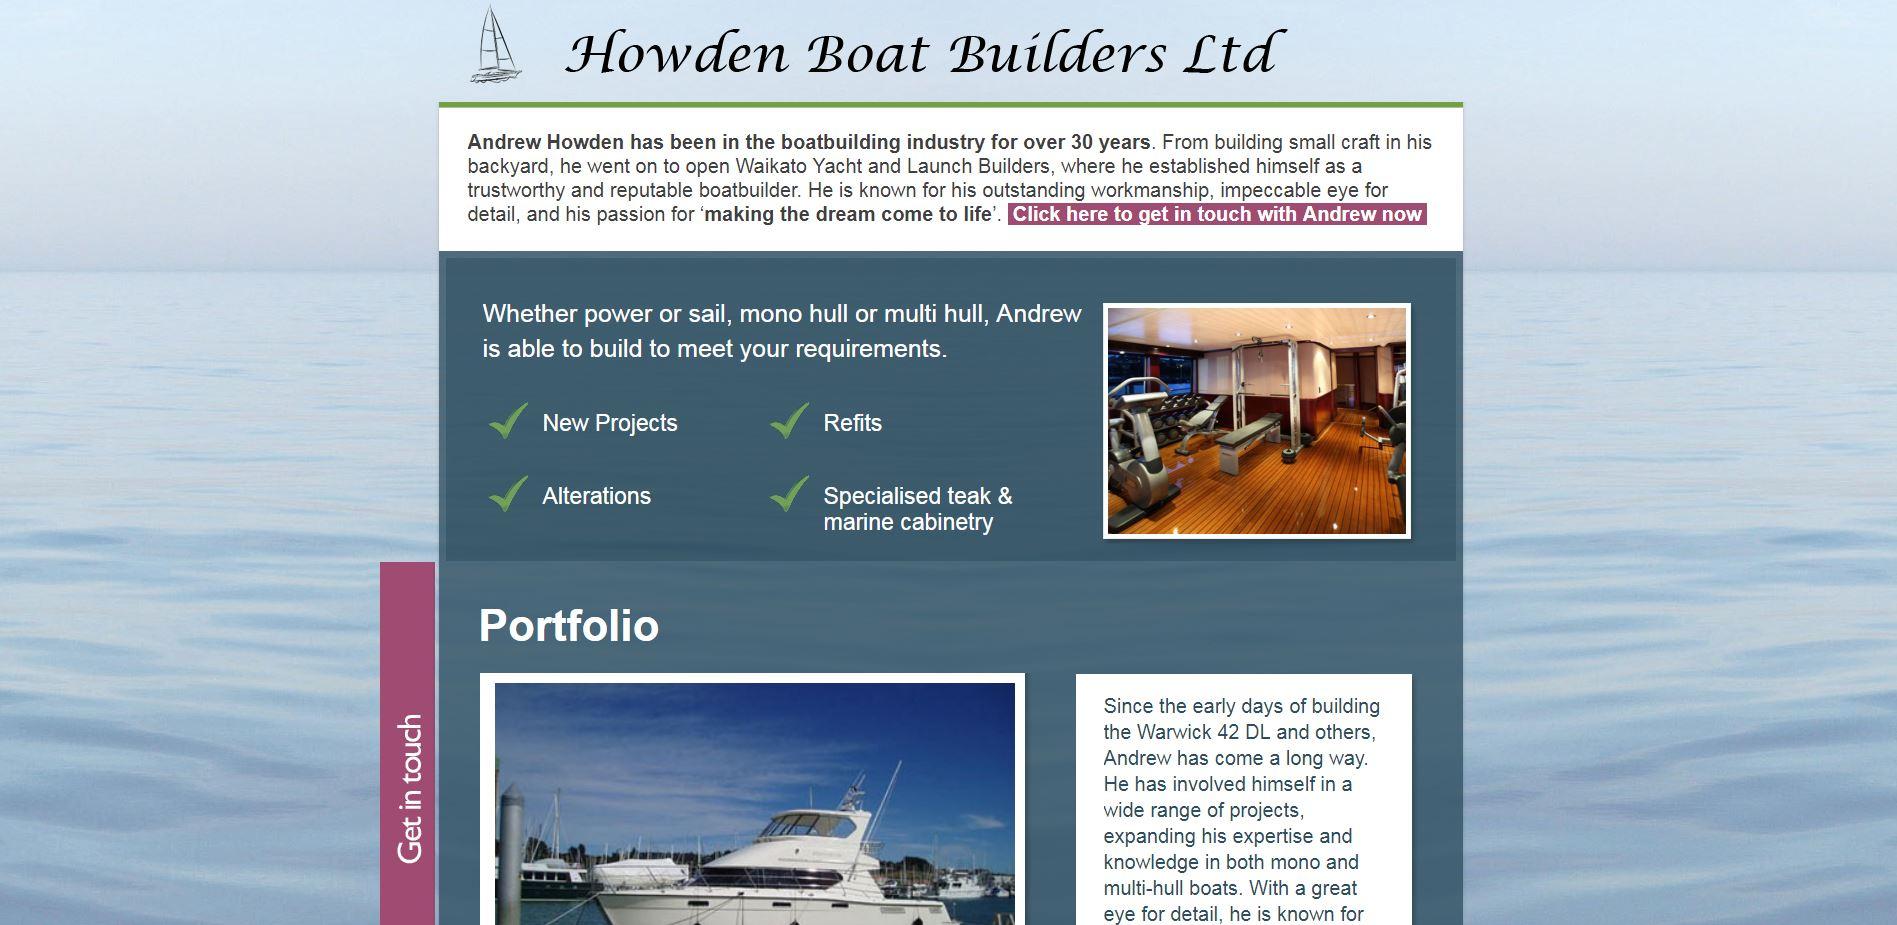 Howden Boat Builders Ltd